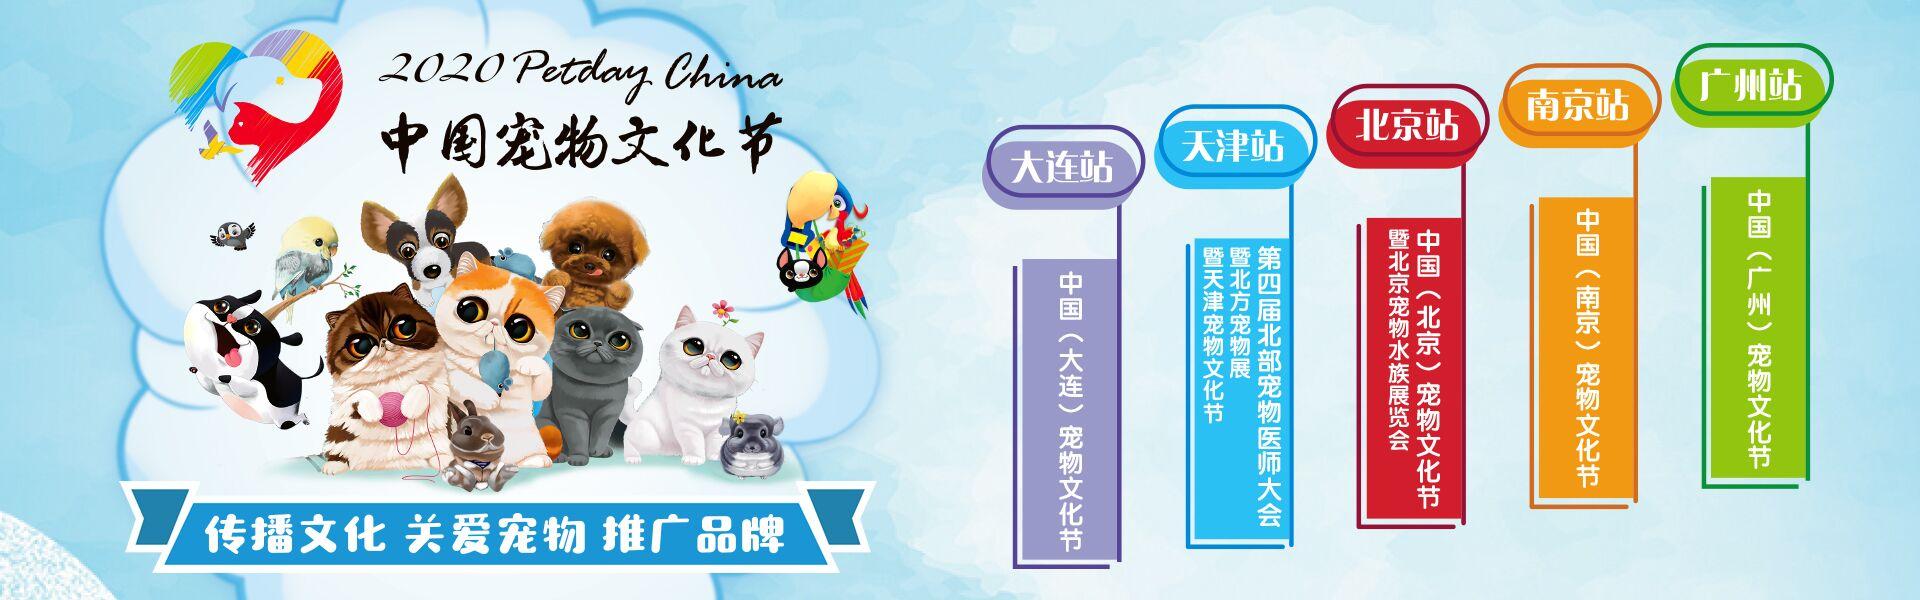 首页大图-宠物文化节